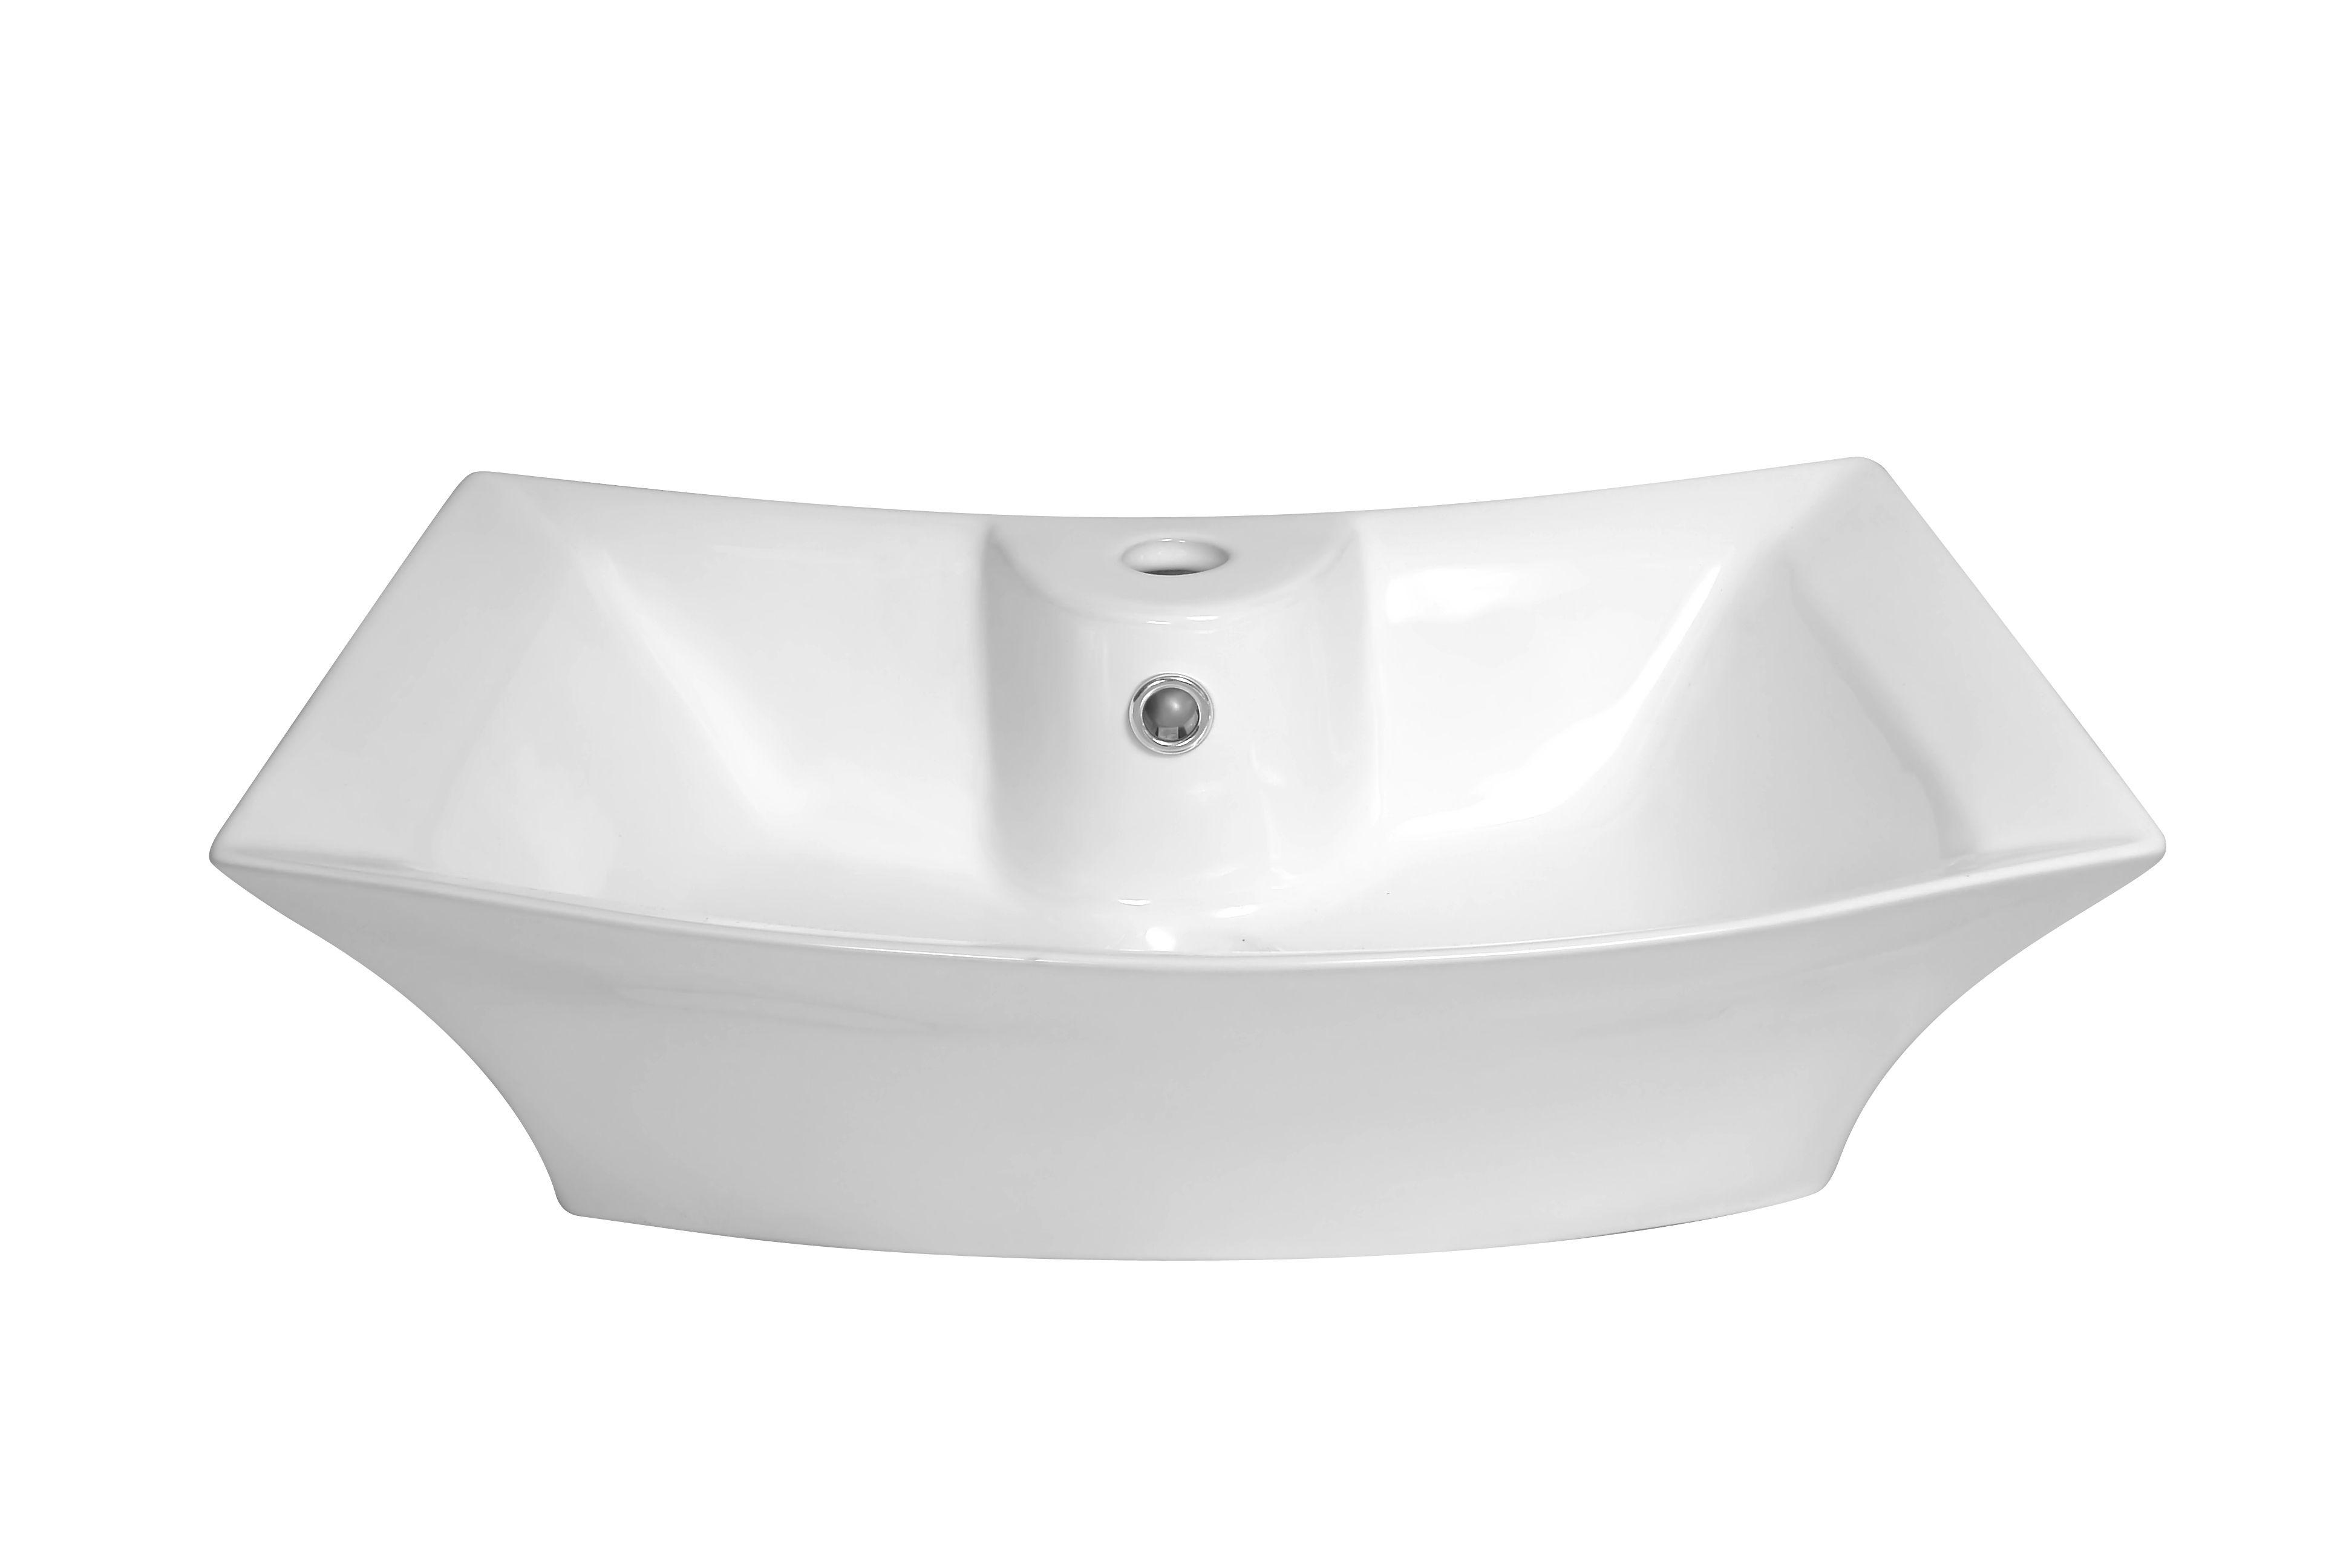 Kerra KR 221 opbouw waskom met kraangat 60x43,5cm wit